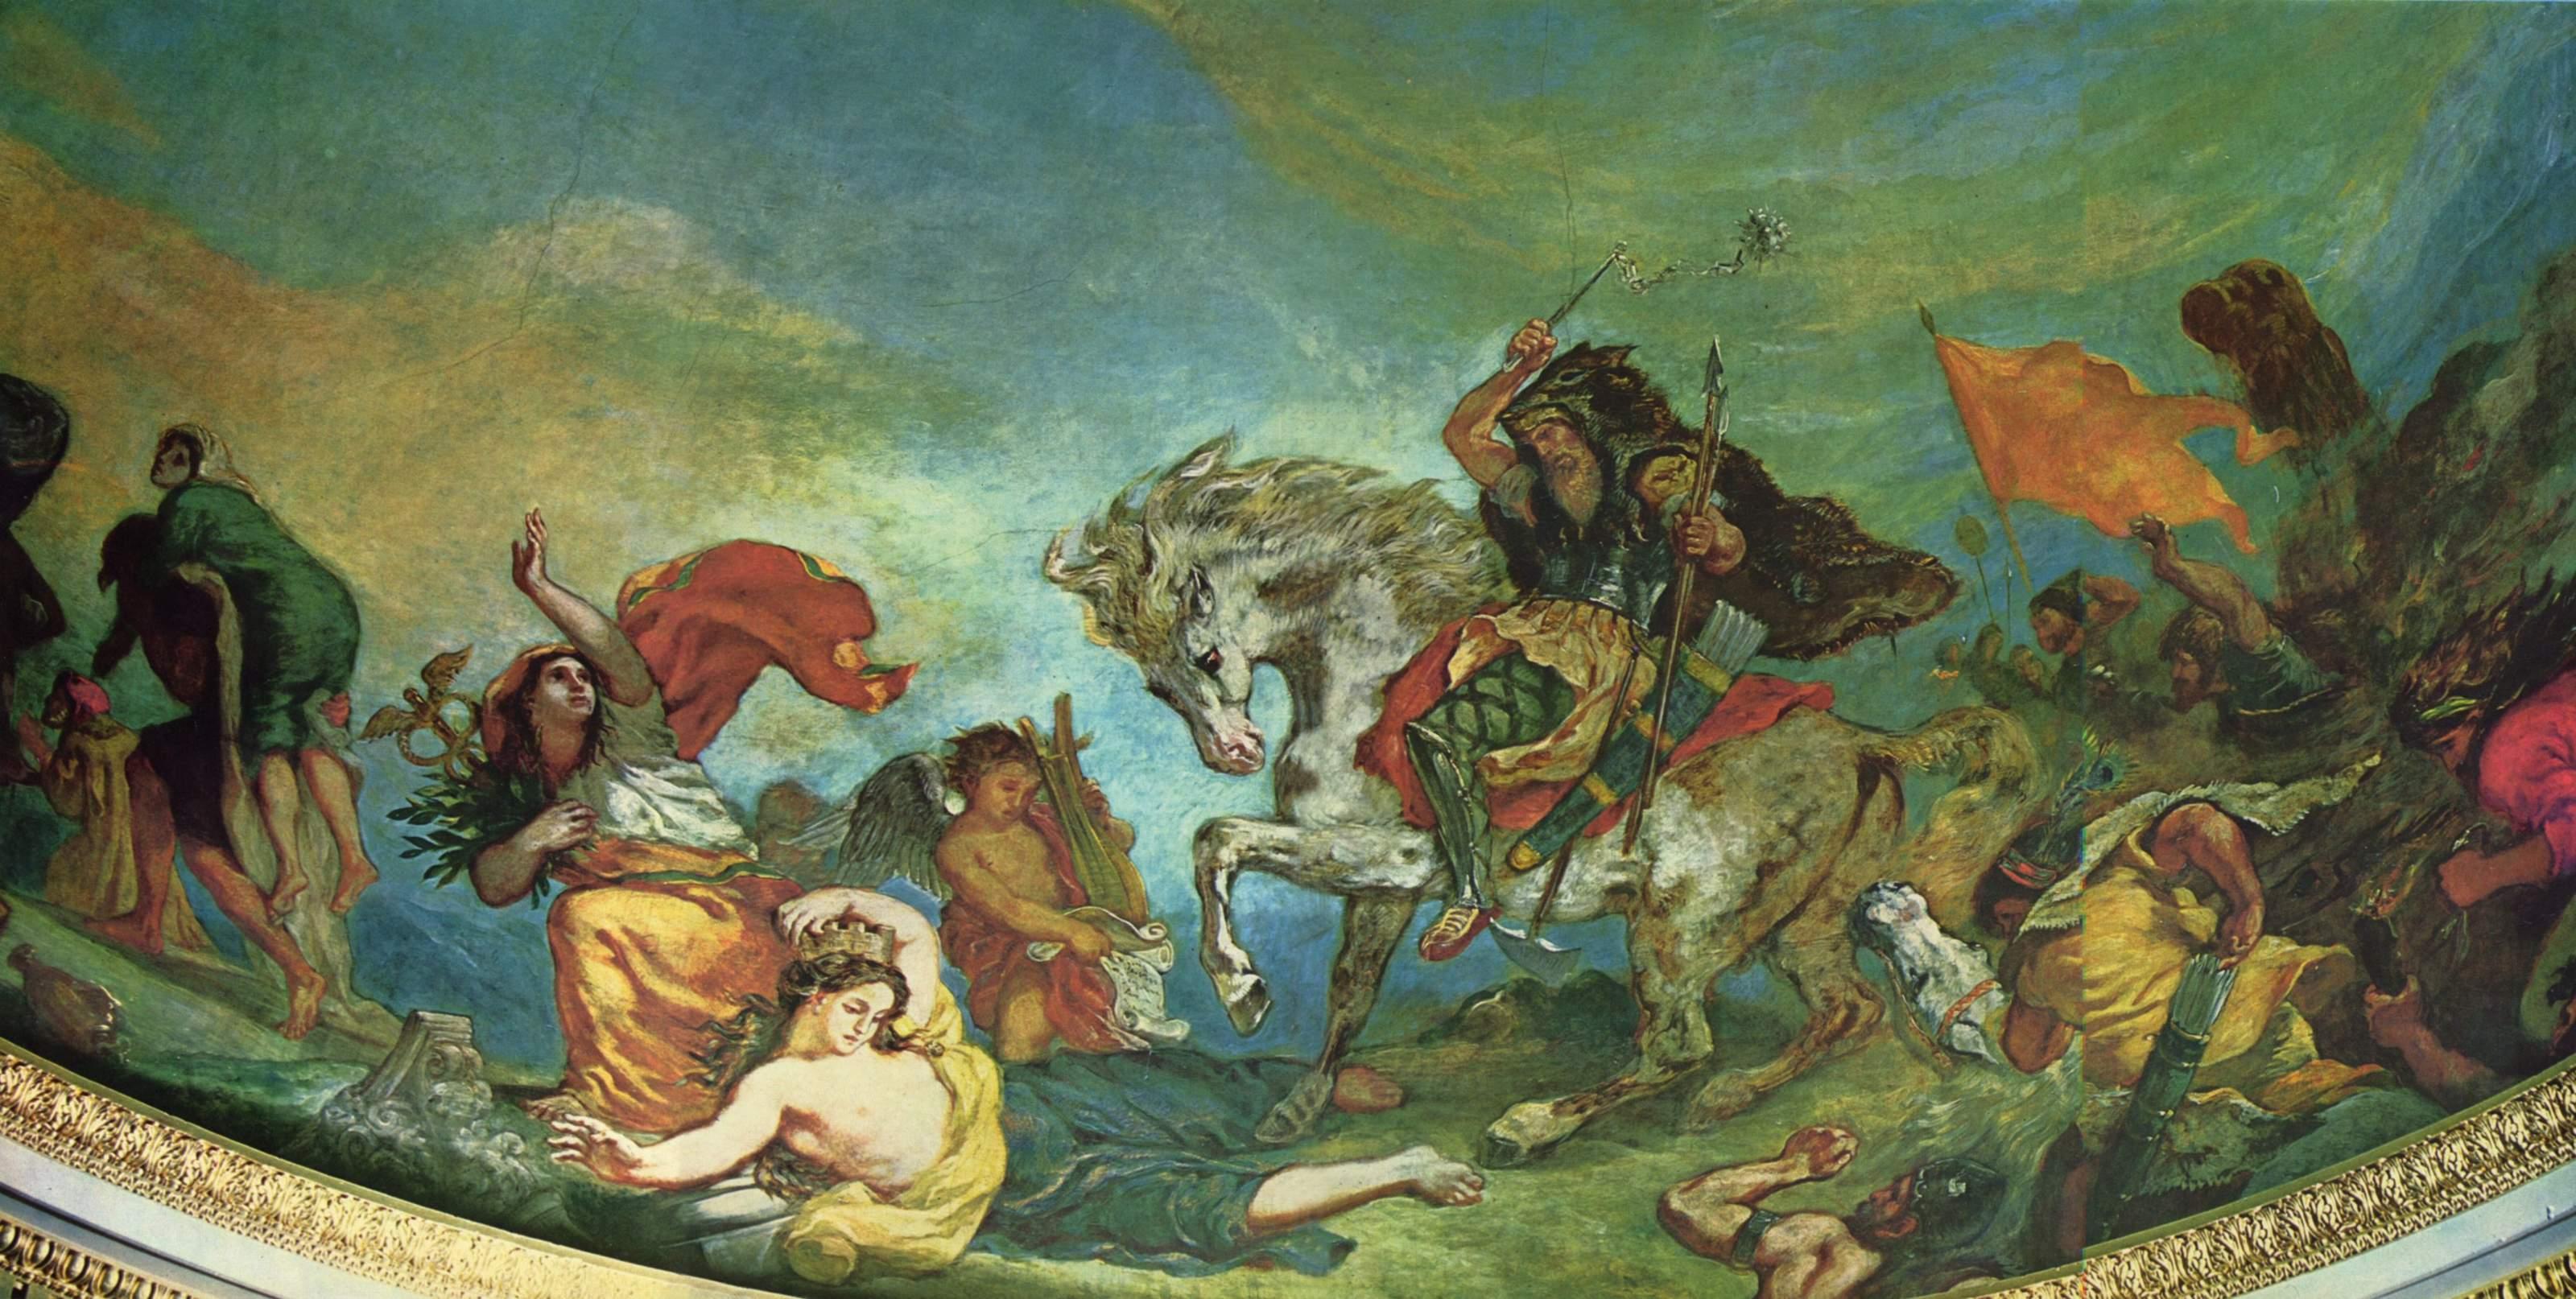 Атилла попирает Италию и Искусства. Деталь, Делакруа Эжен Фердинанд Виктор